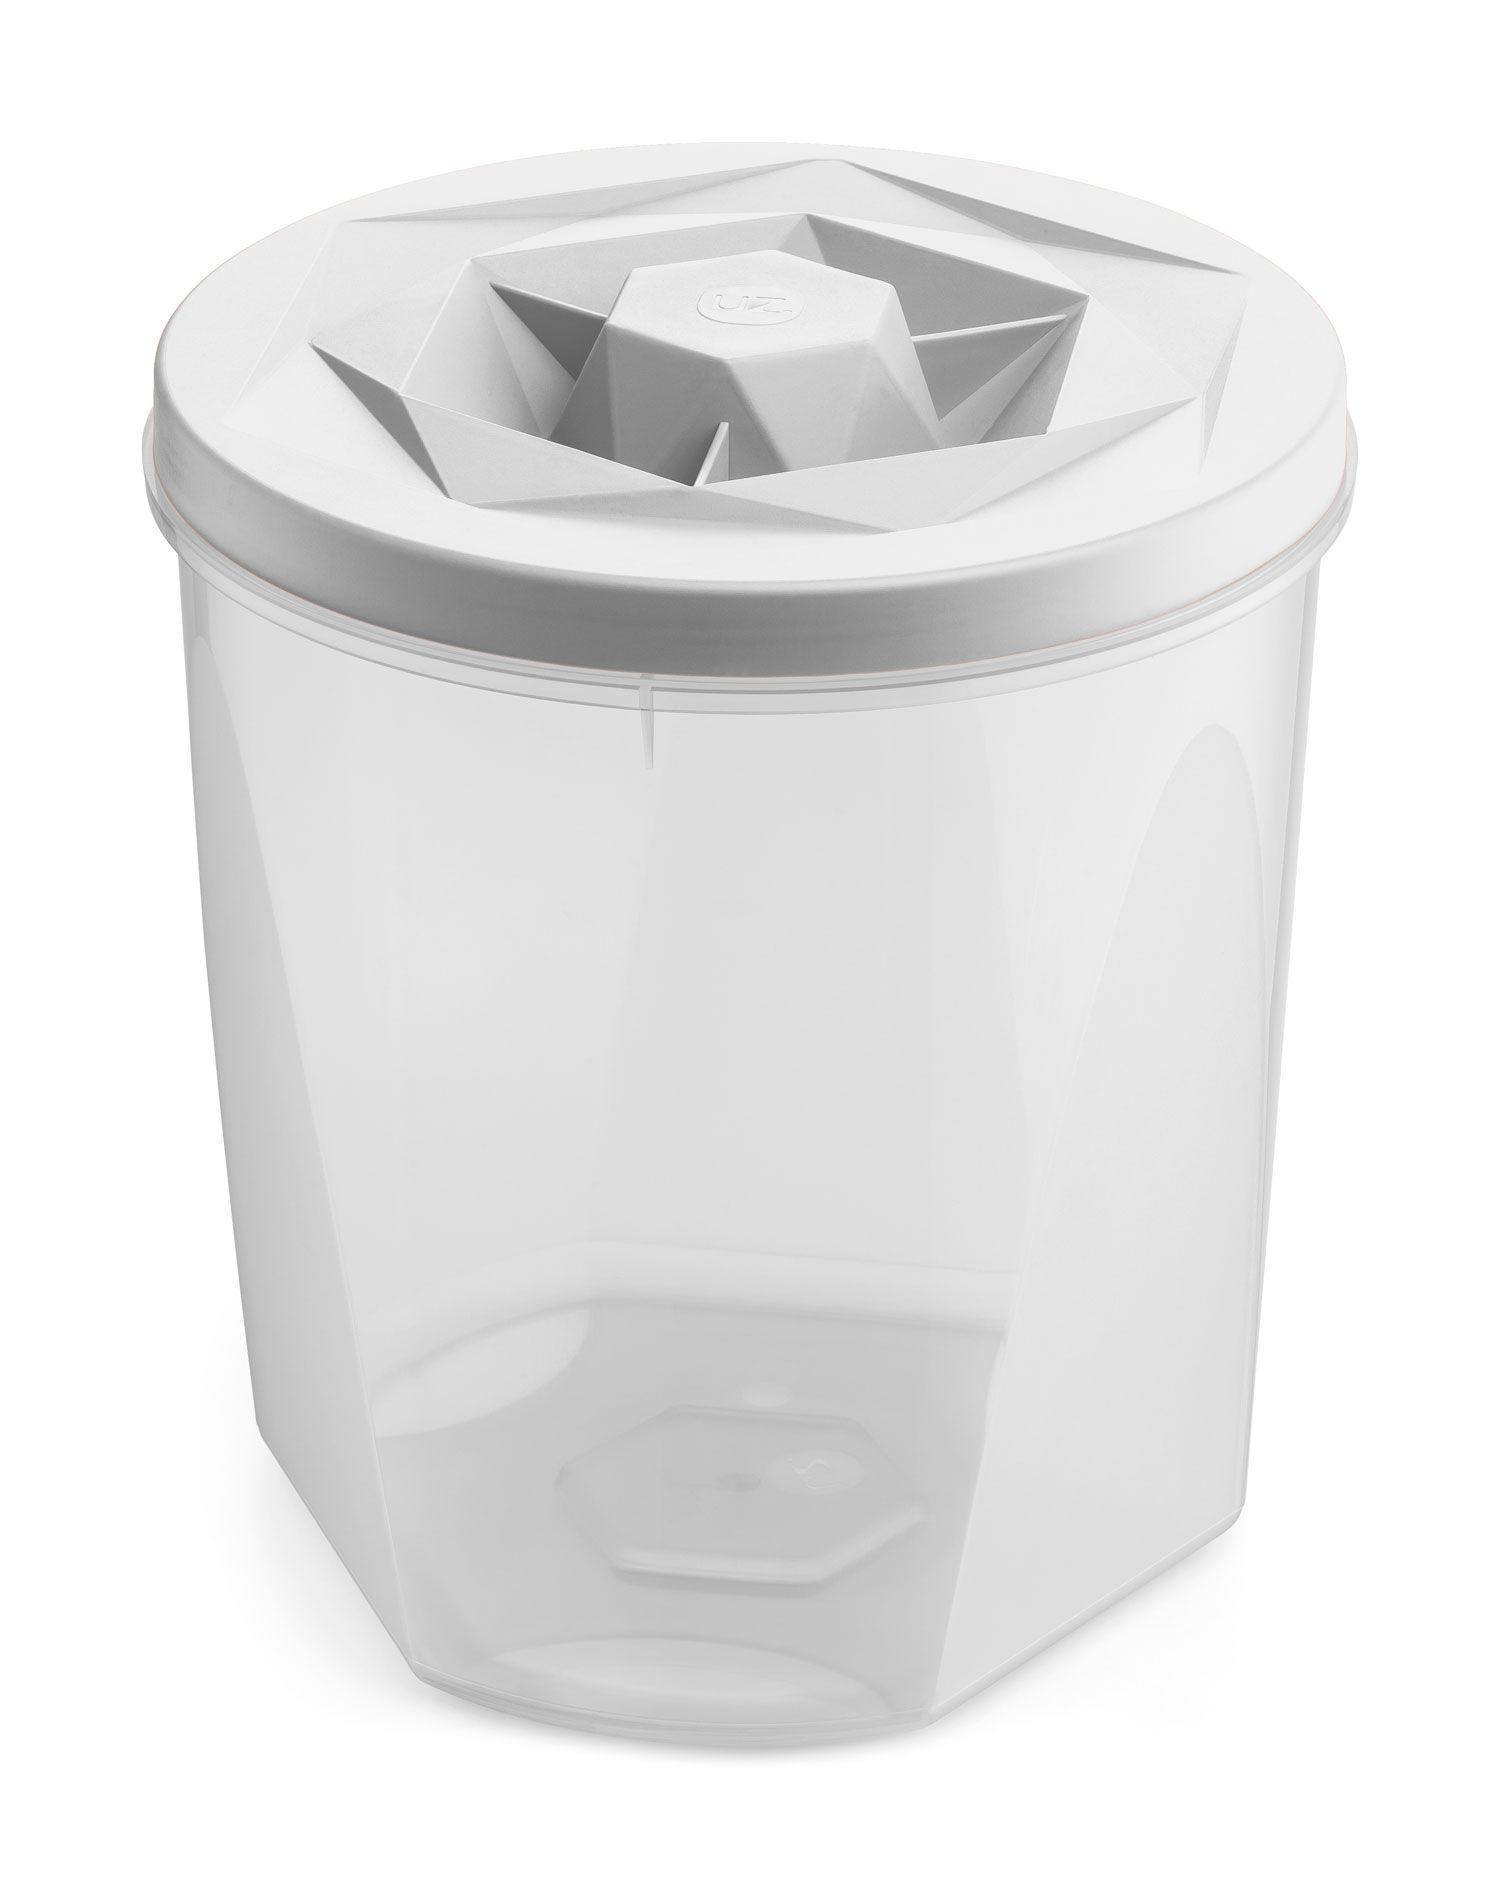 Porta Mantimentos 5,1 litros Branco - Linha Vision - UZ Utilidades  - Lojão de Ofertas